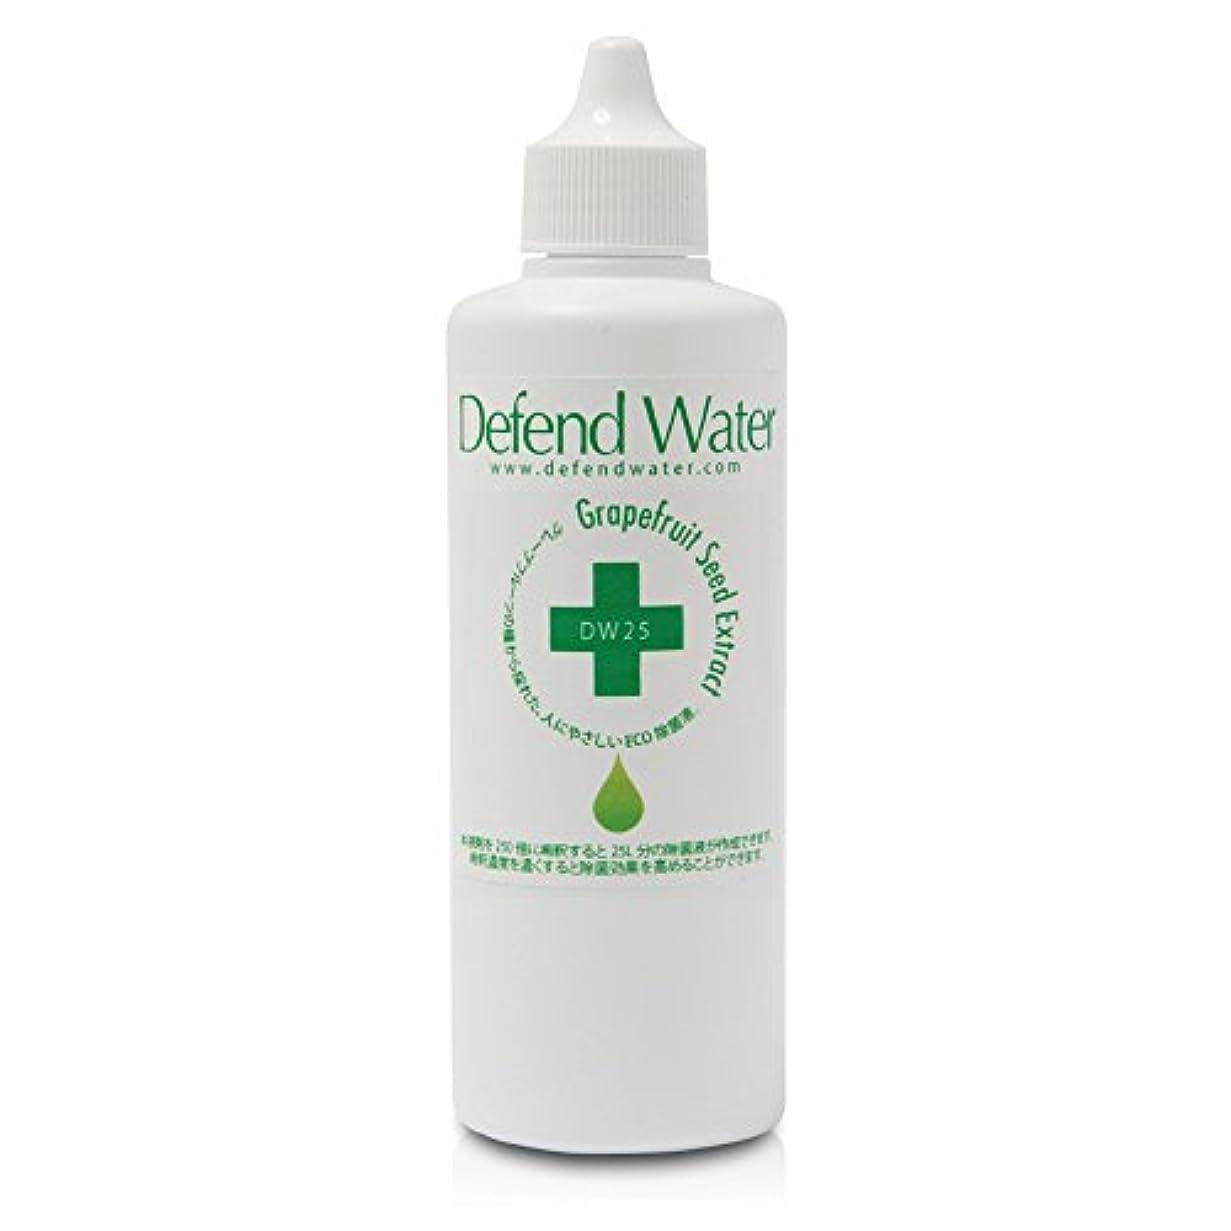 遠近法然としたプレゼンテーションアロマオイルと一緒に使う空間除菌液、天然エコ除菌液「ディフェンドウォーター」DW25